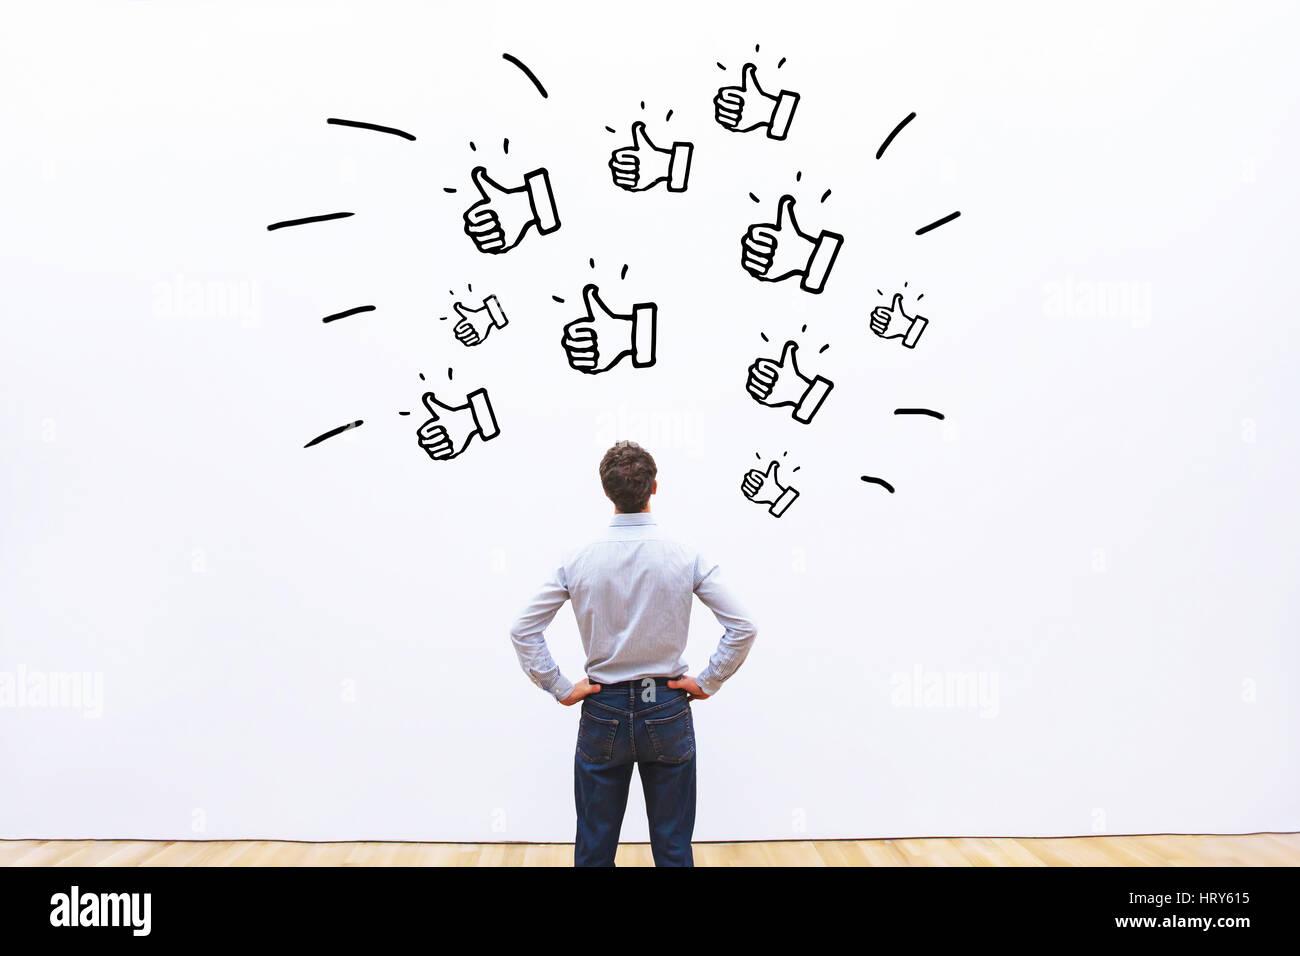 in sozialen Netzwerken, positives Kundenfeedback für Unternehmen, Popularität Konzept mag Stockbild